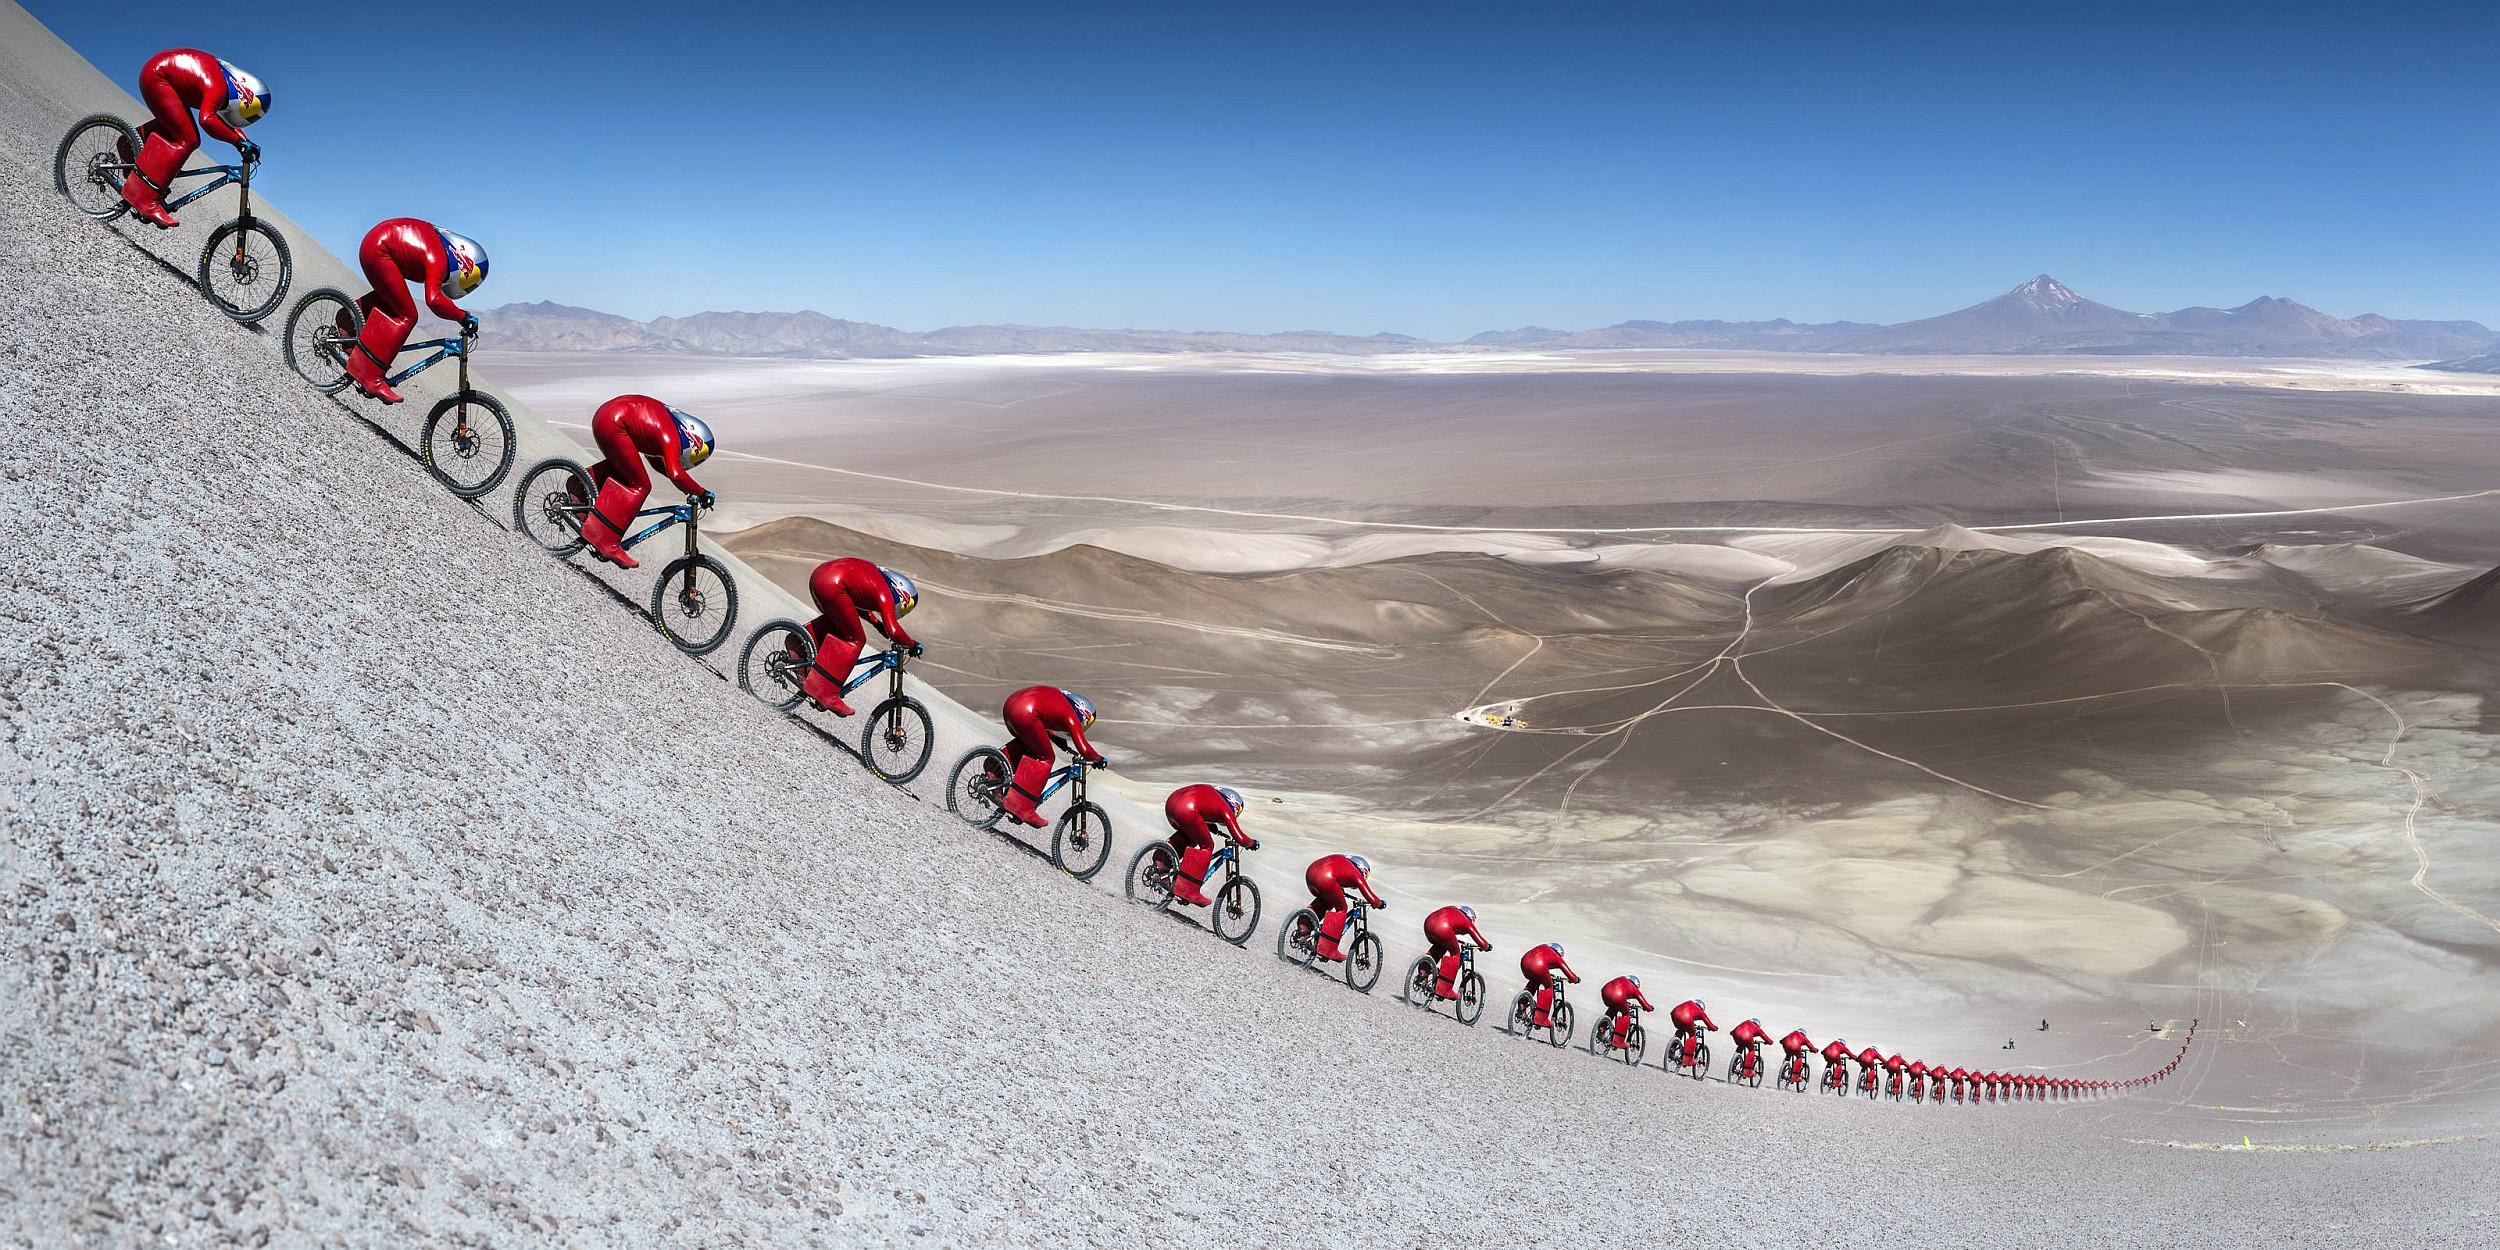 Neuer Speed-Weltrekord von Max Stöckl